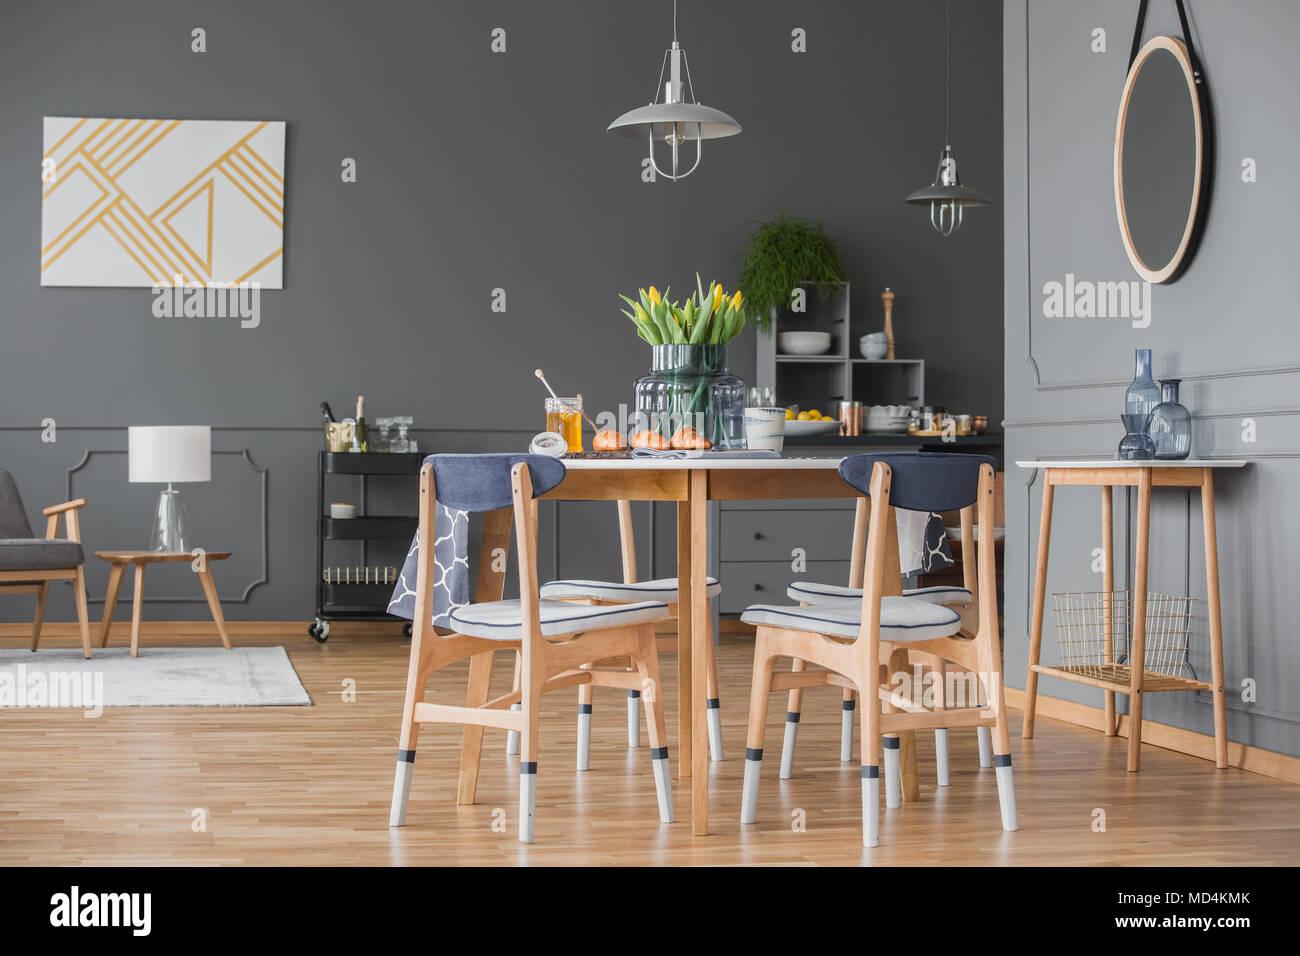 Eleganten grau Wohnung Interieur mit Hartholzböden, Spritzguss- und ...